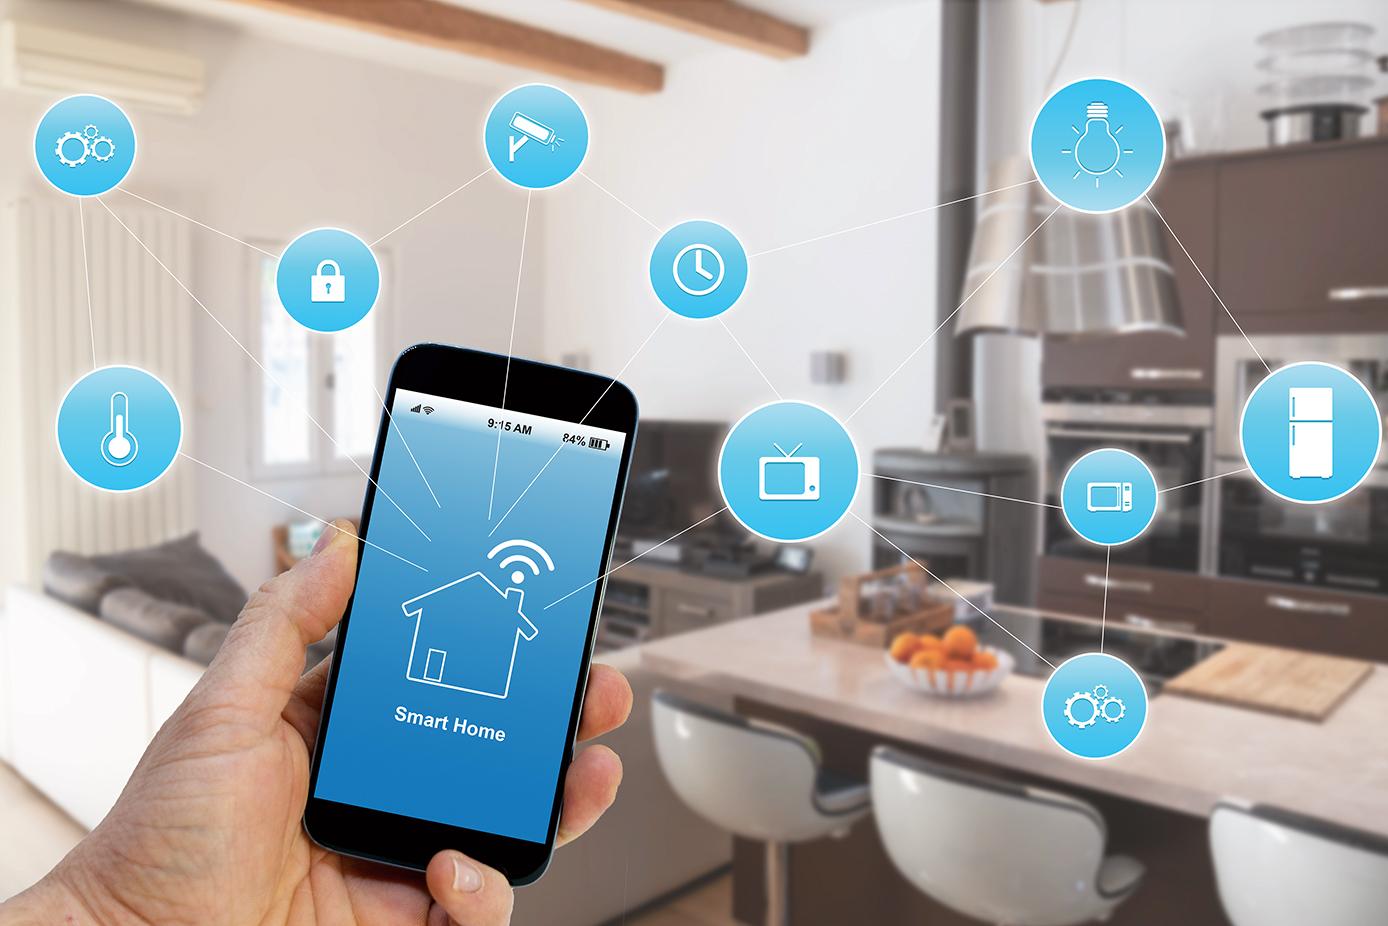 领跑智能家居前装市场,看 UIOT 超级智慧家如何引爆科技住宅新浪潮